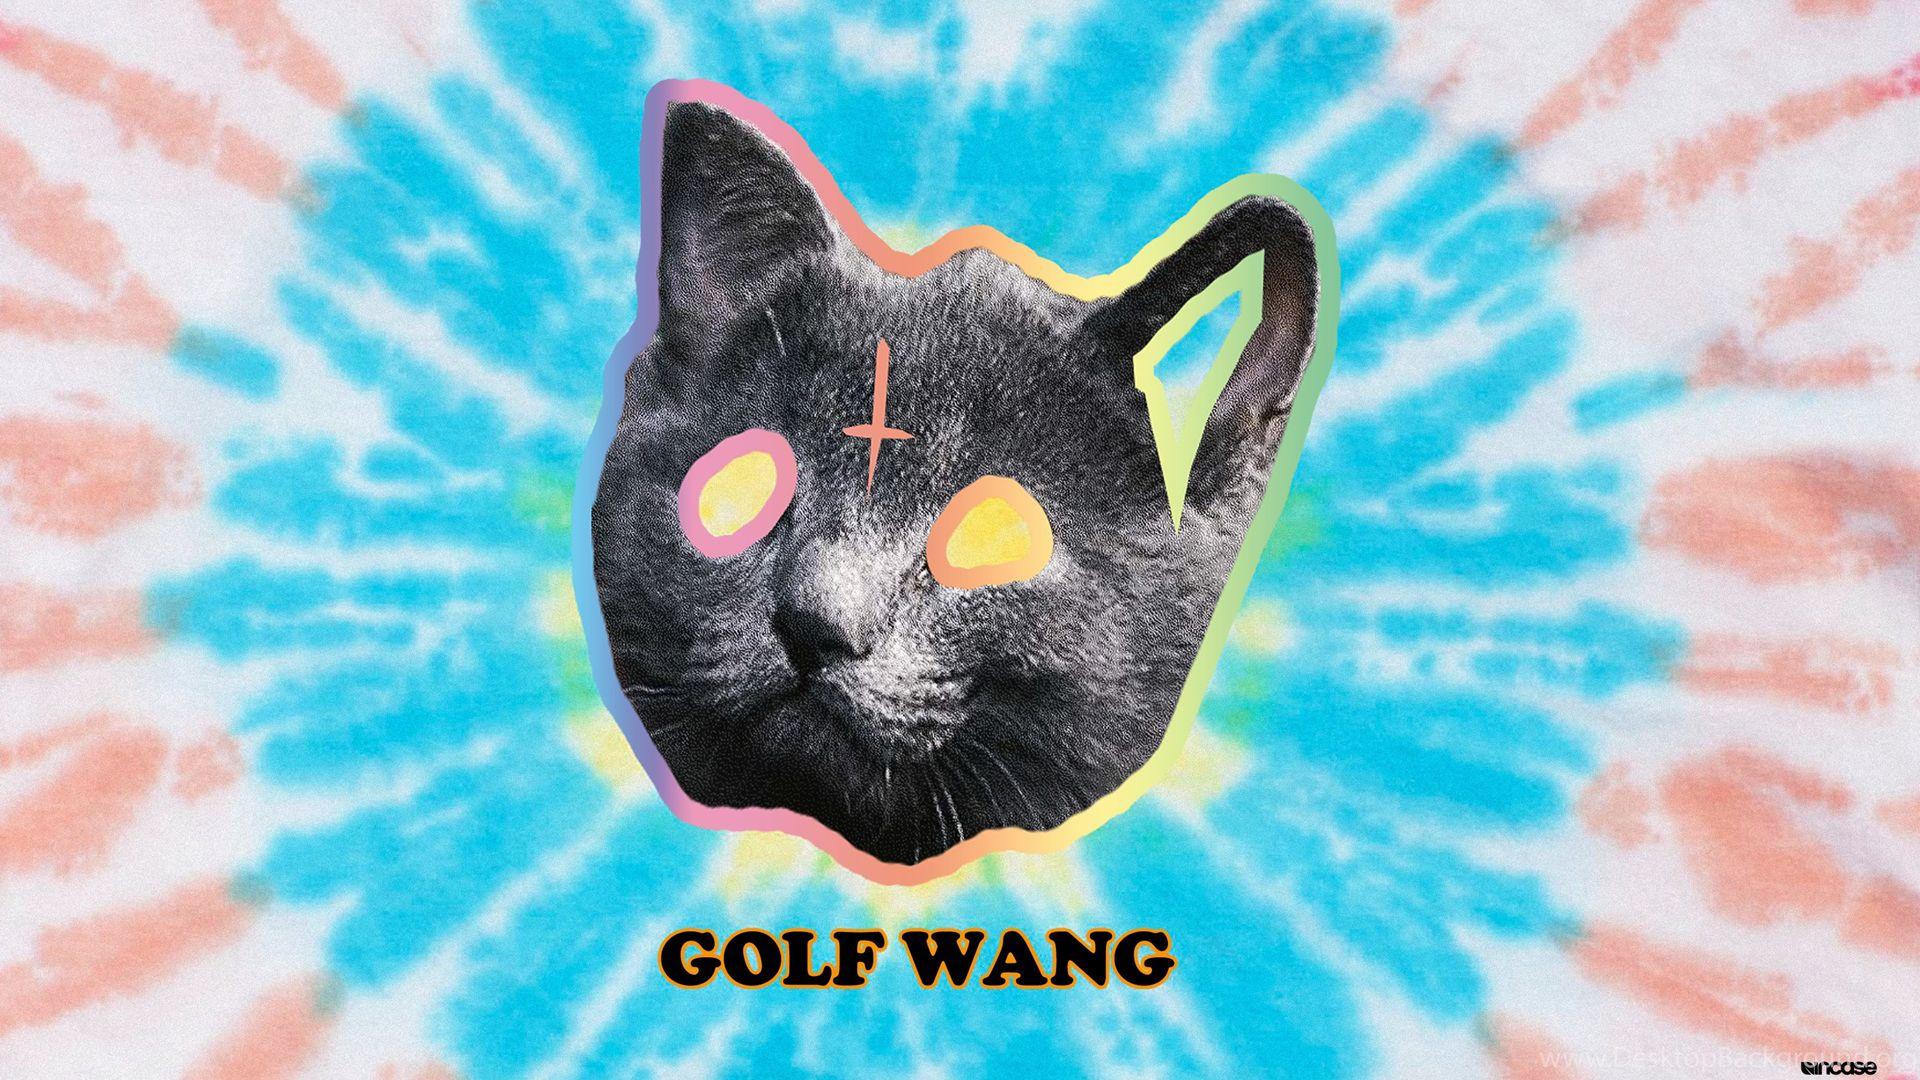 Golf Wang wallpaper image